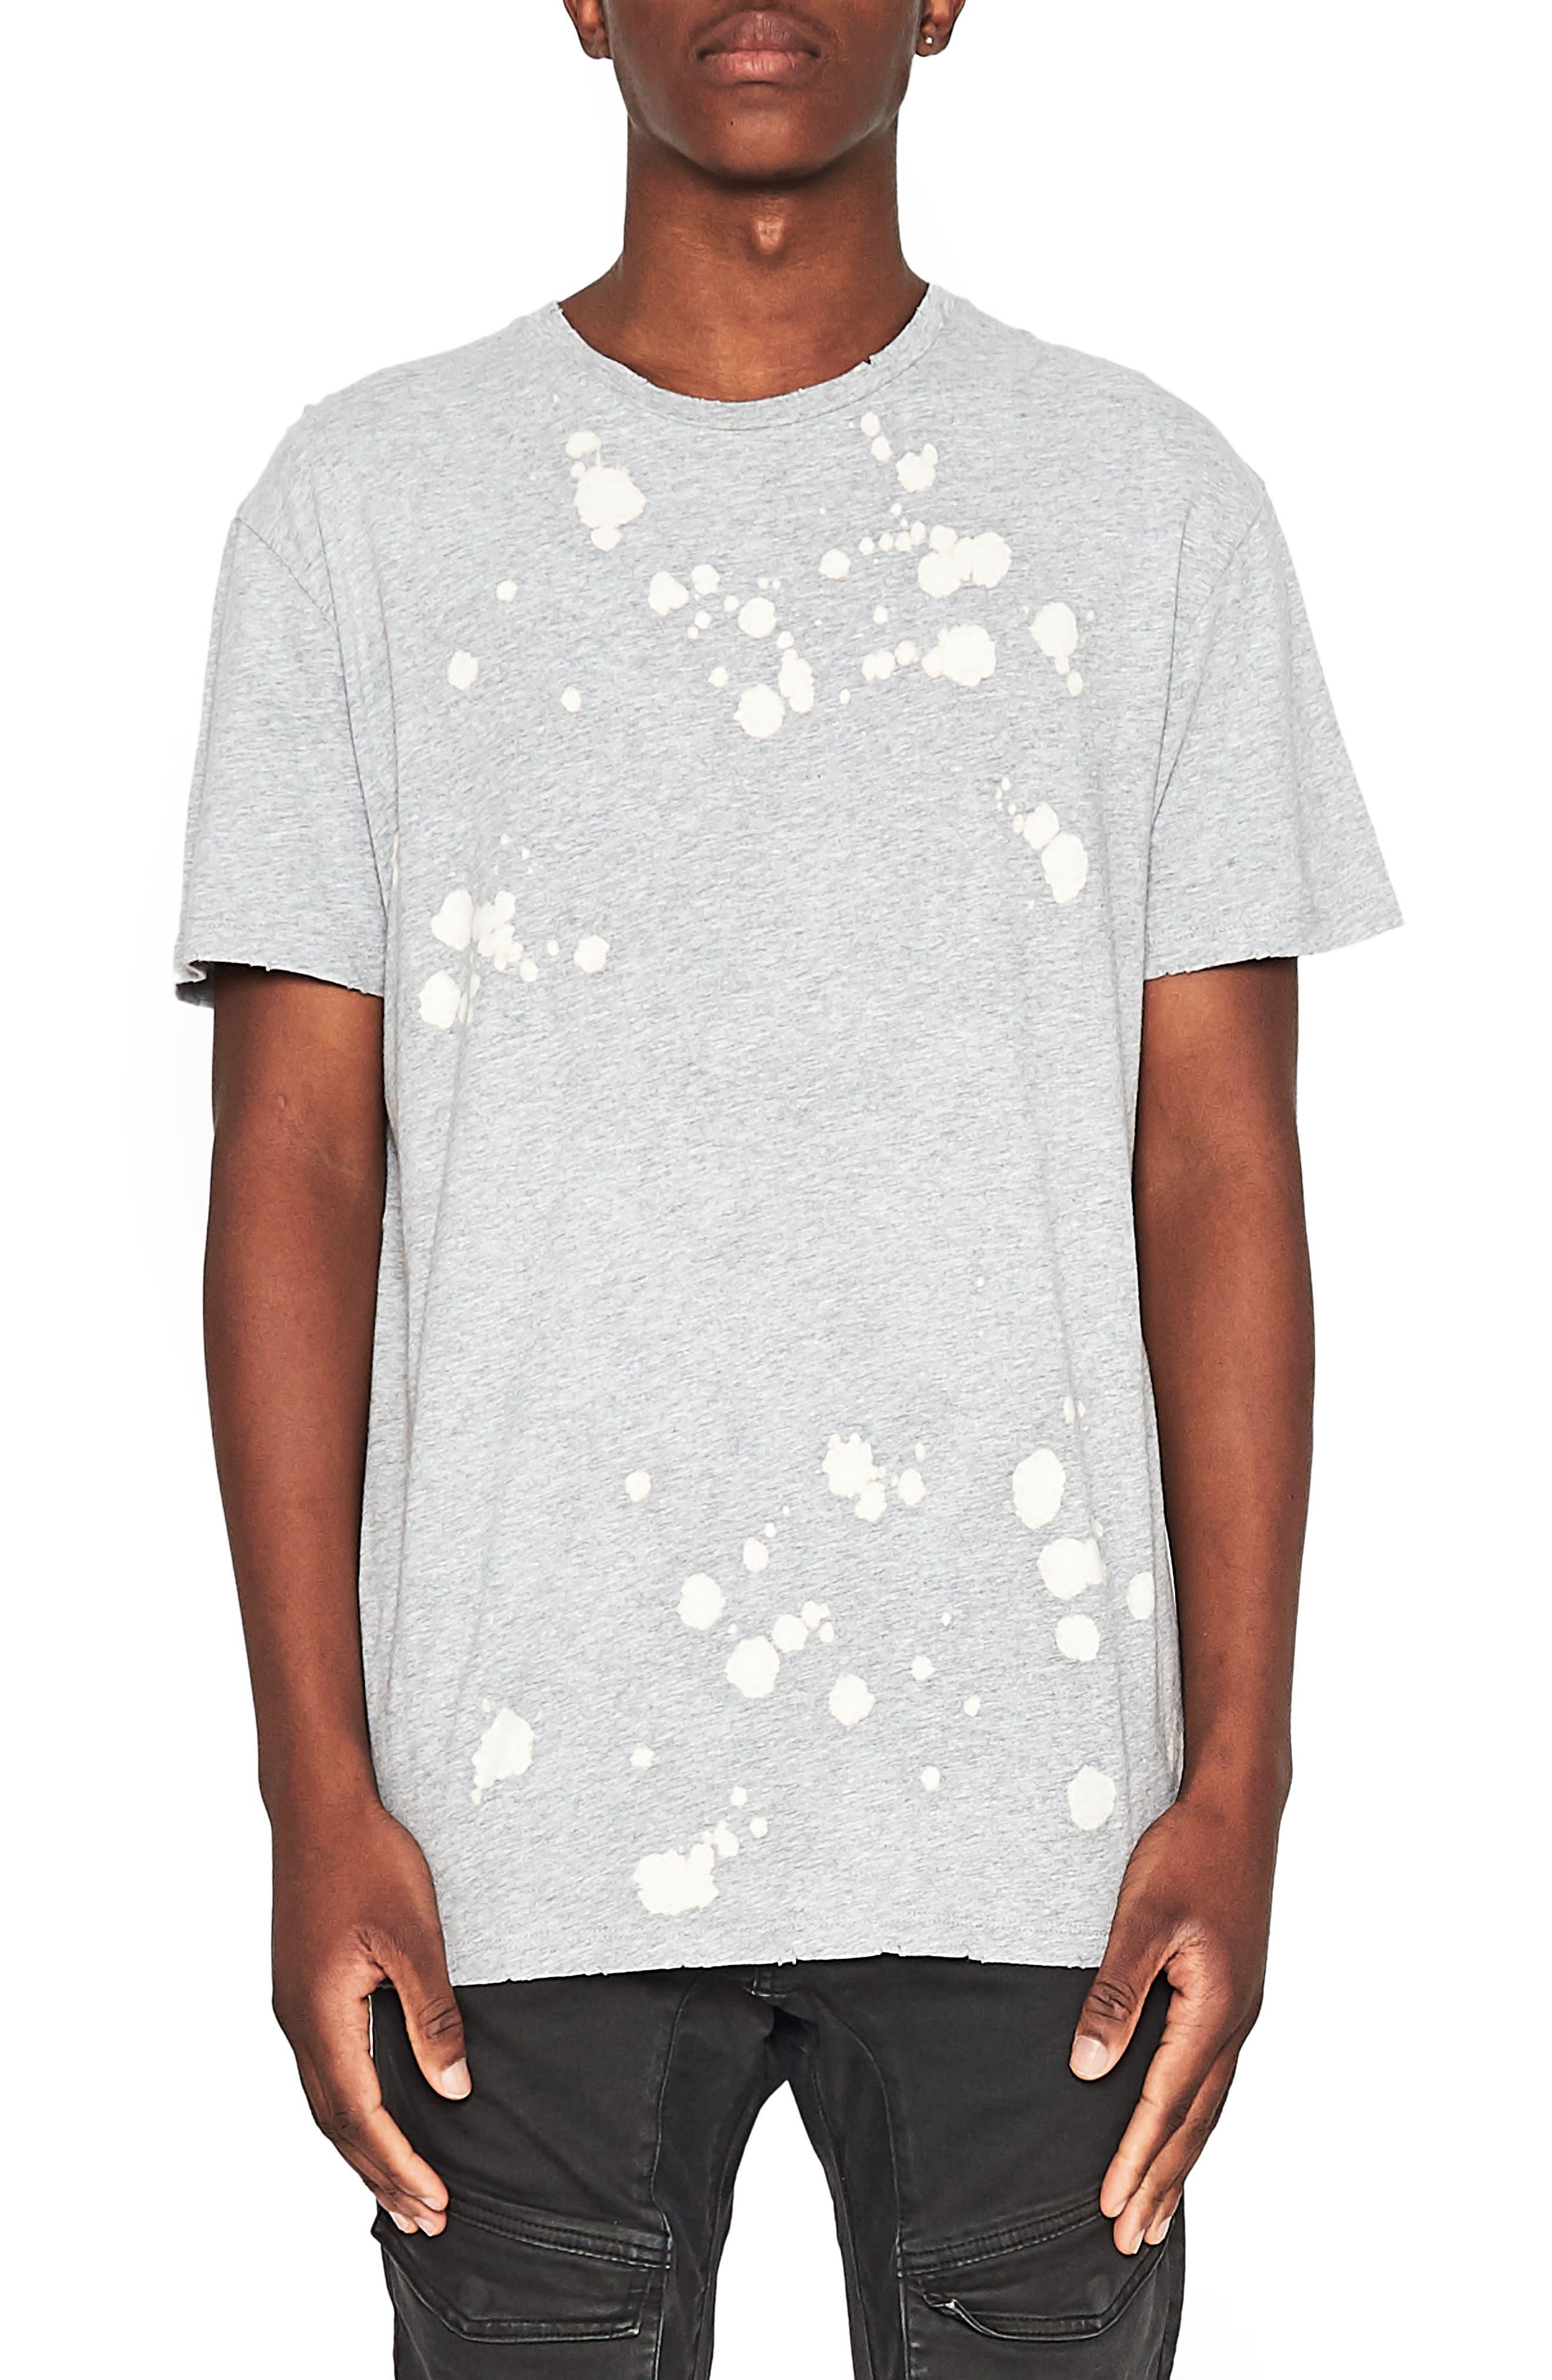 NXP Da Vinci T-Shirt